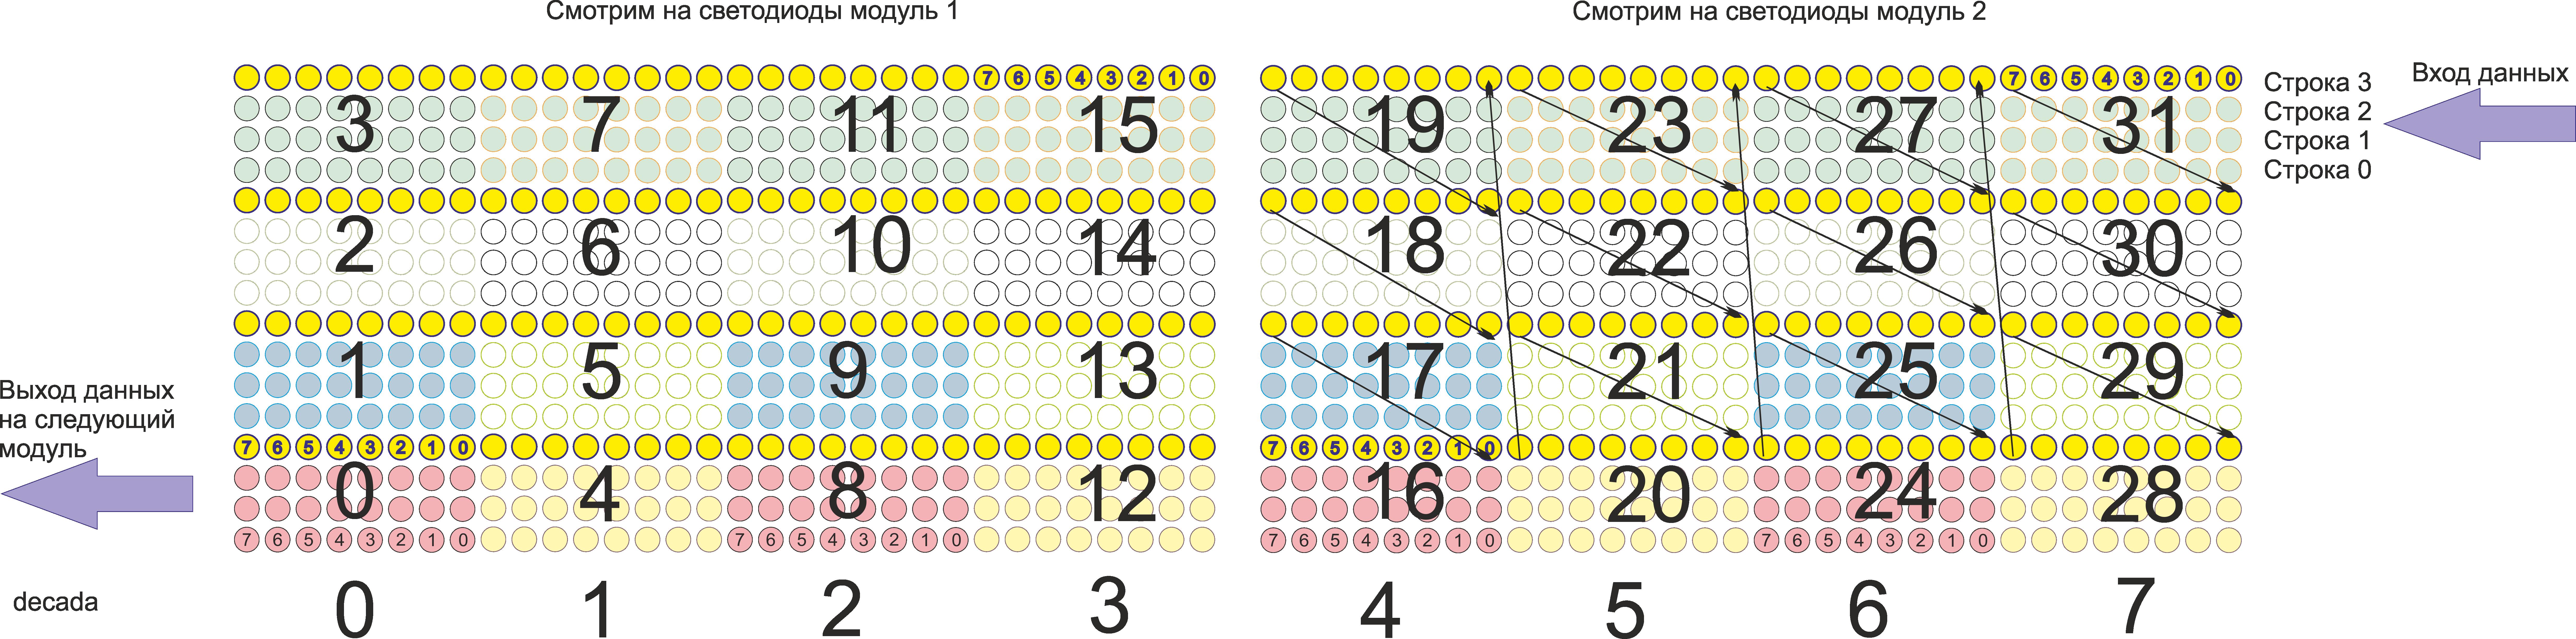 Светодиодные модули в казахстане